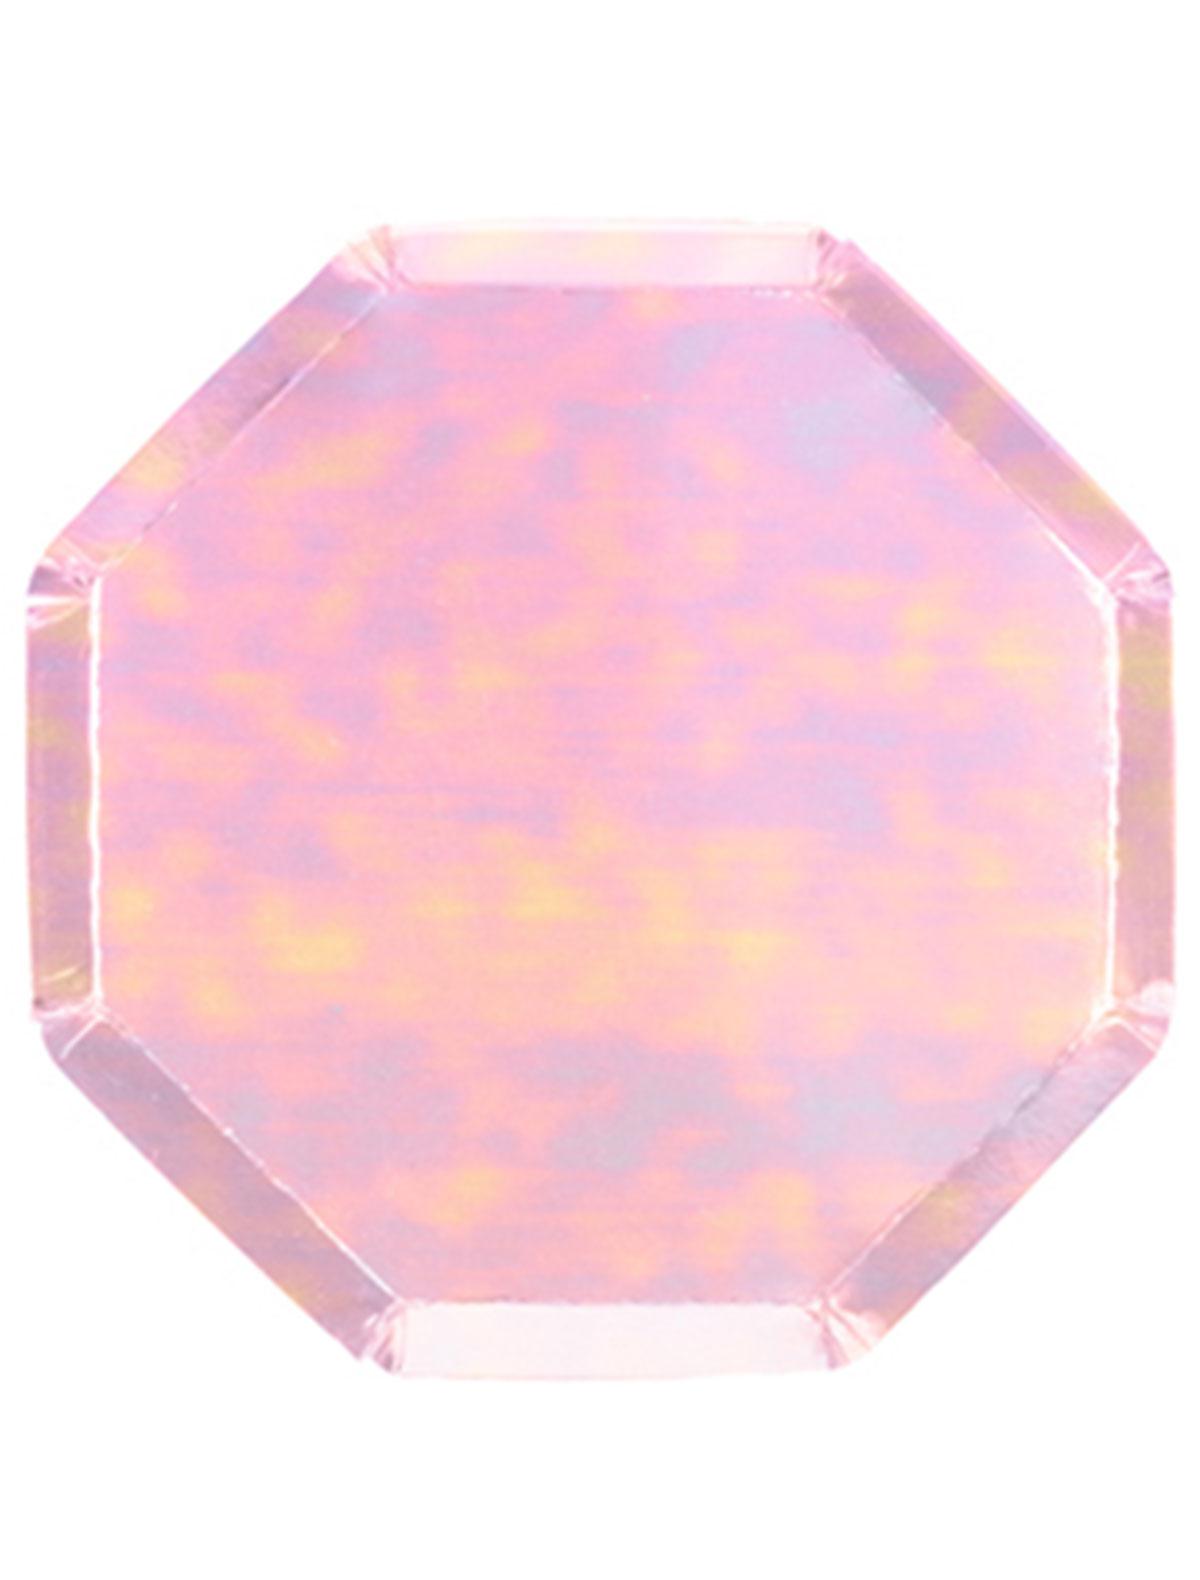 Набор посуды Meri Meri 2259902 розового цвета